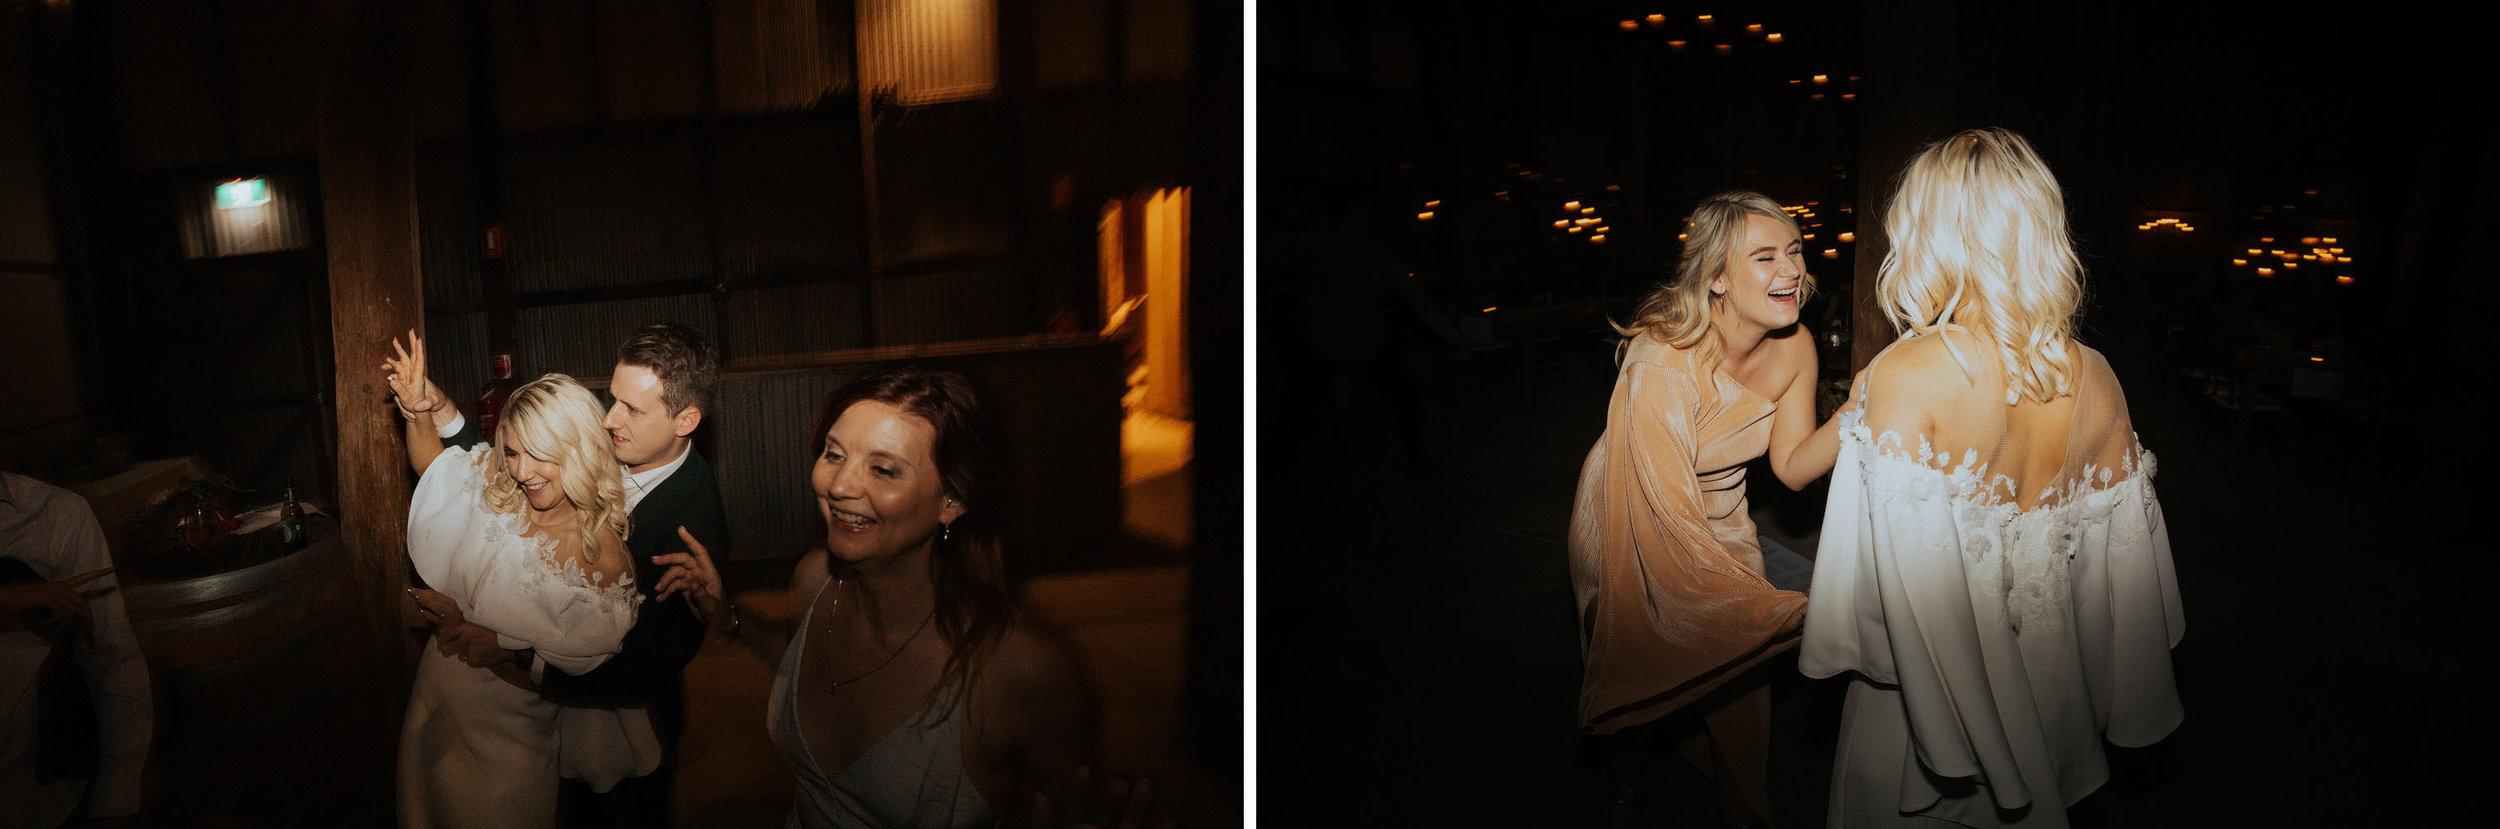 kimo-estate-wedding-photography-110.jpg